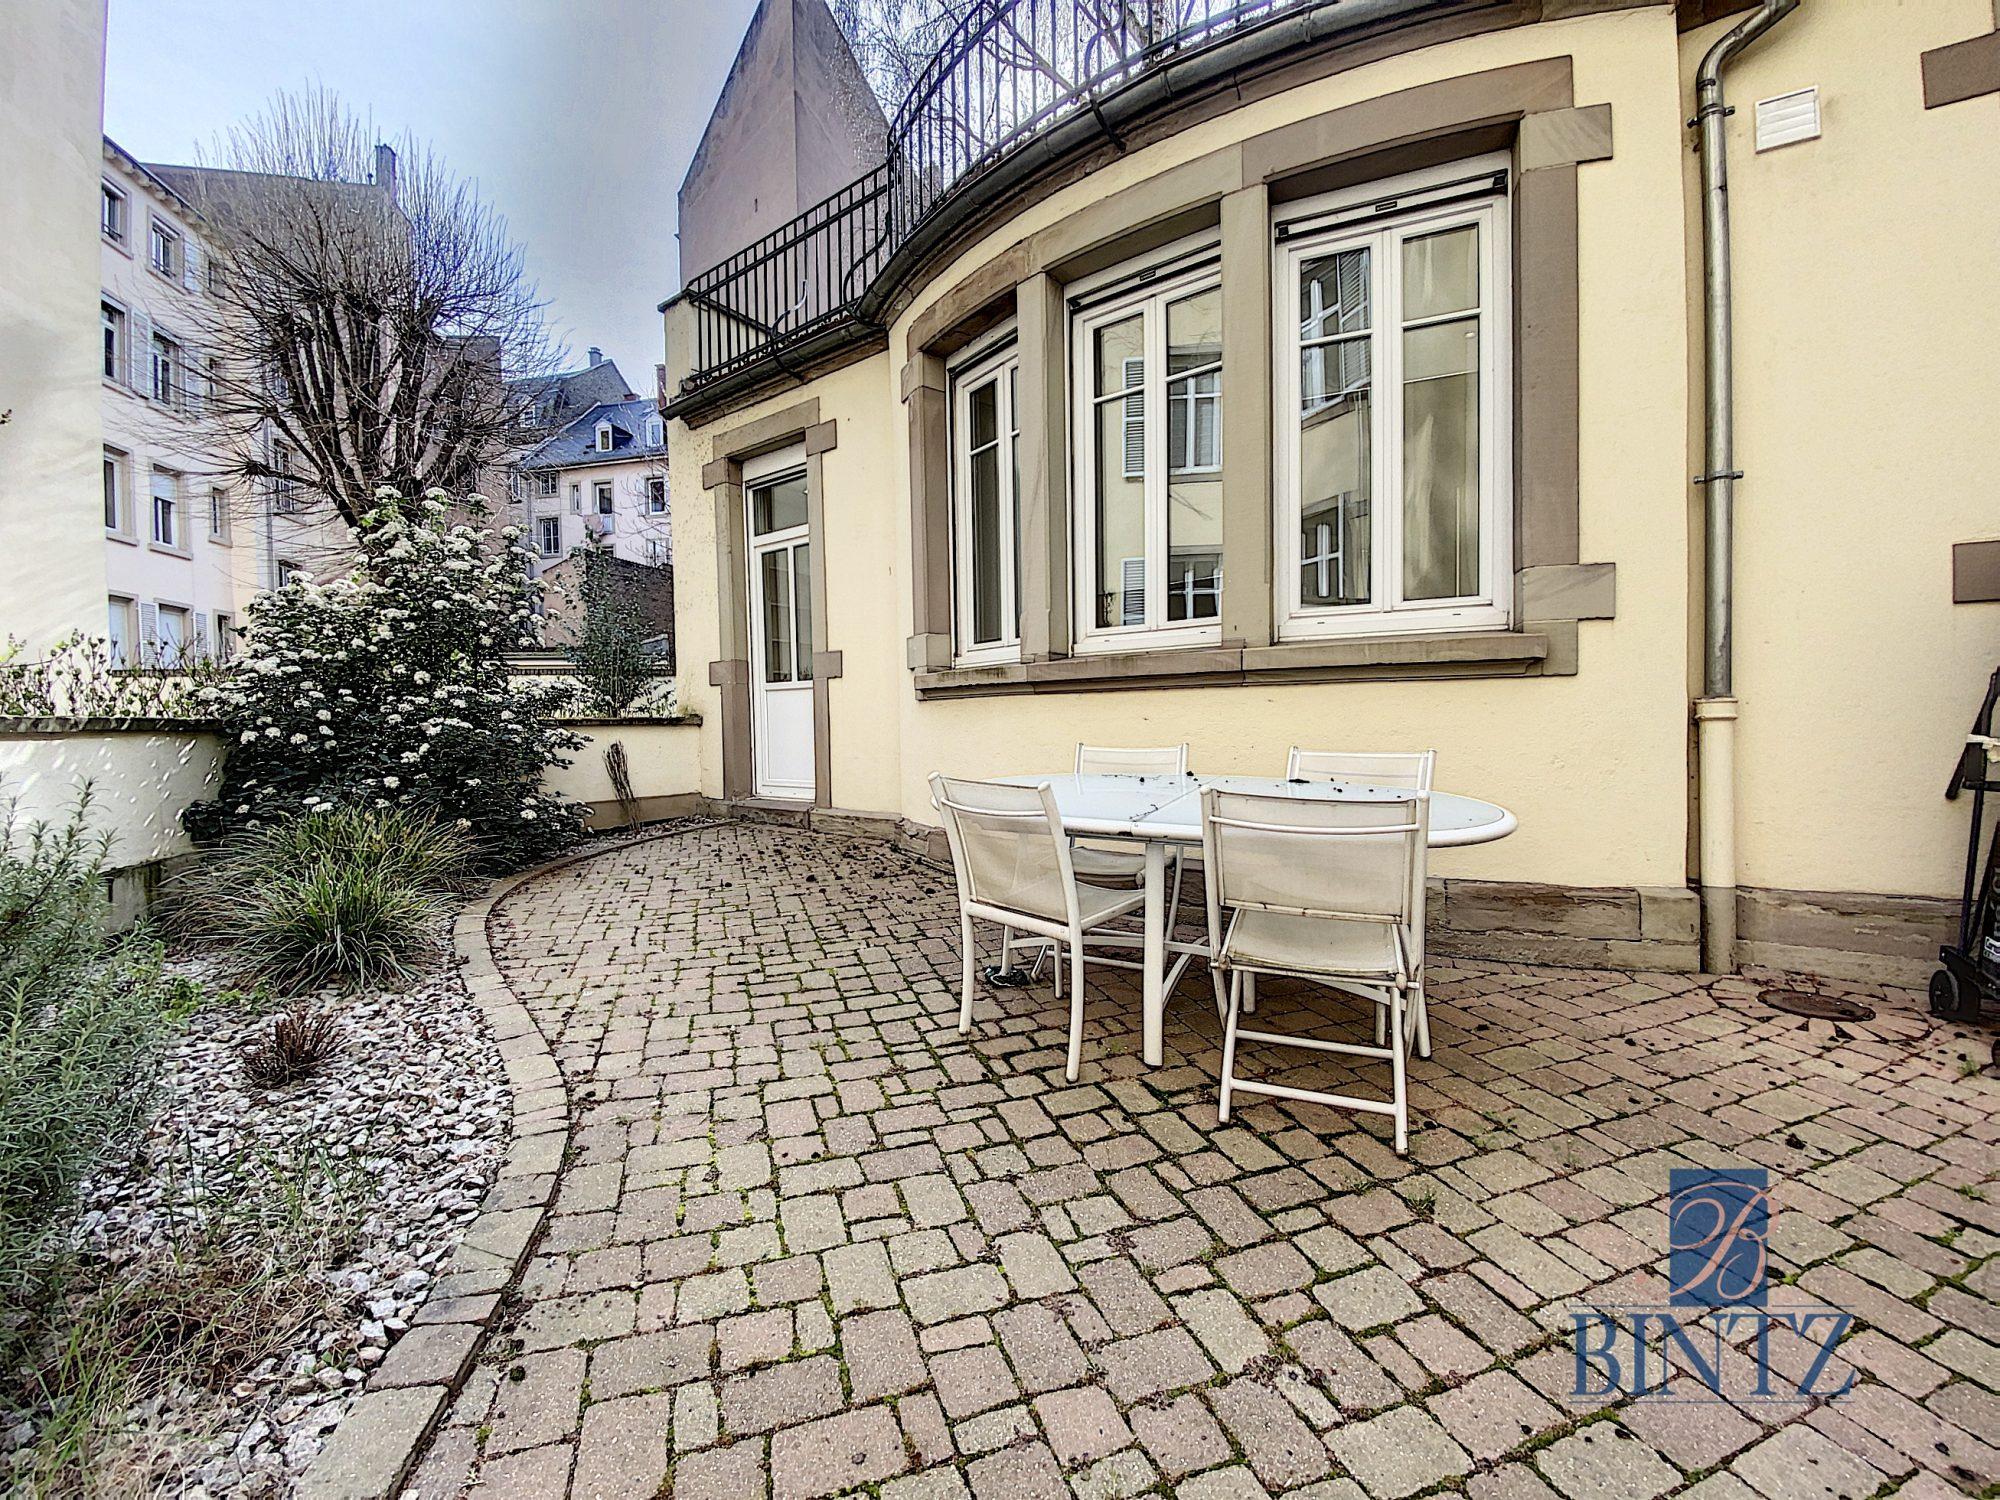 GRAND 1PIÈCE MEUBLÉ NEUSTADT - Devenez locataire en toute sérénité - Bintz Immobilier - 12